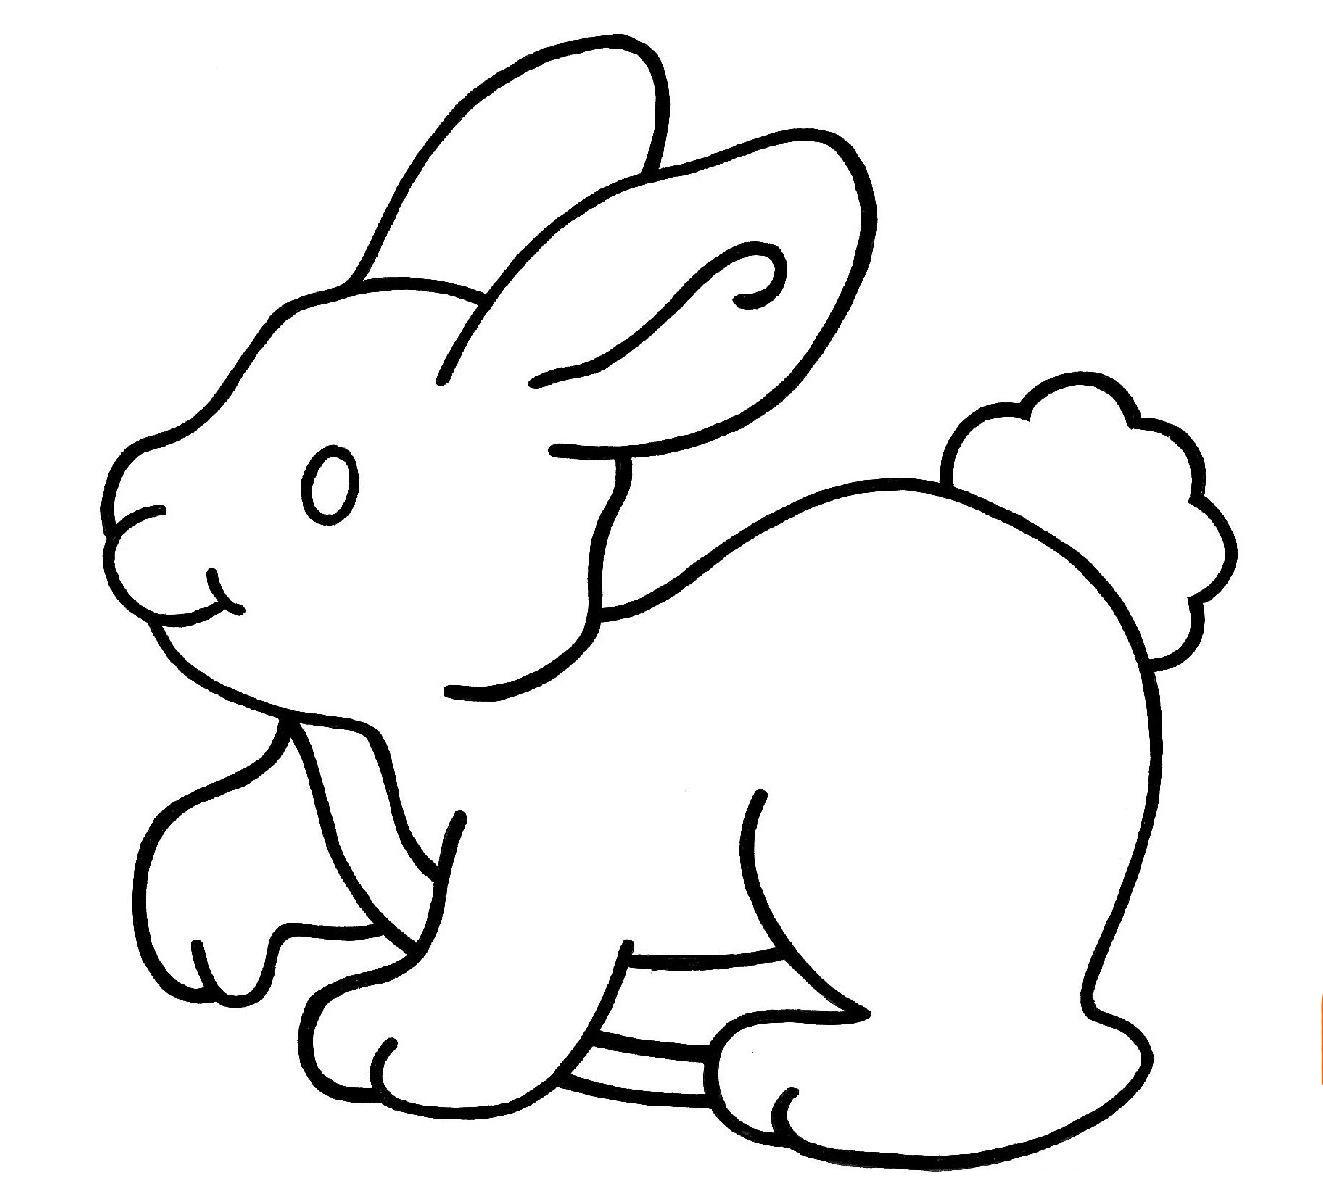 Coloriages imprimer lapin num ro 145949 - Lapin en dessin ...